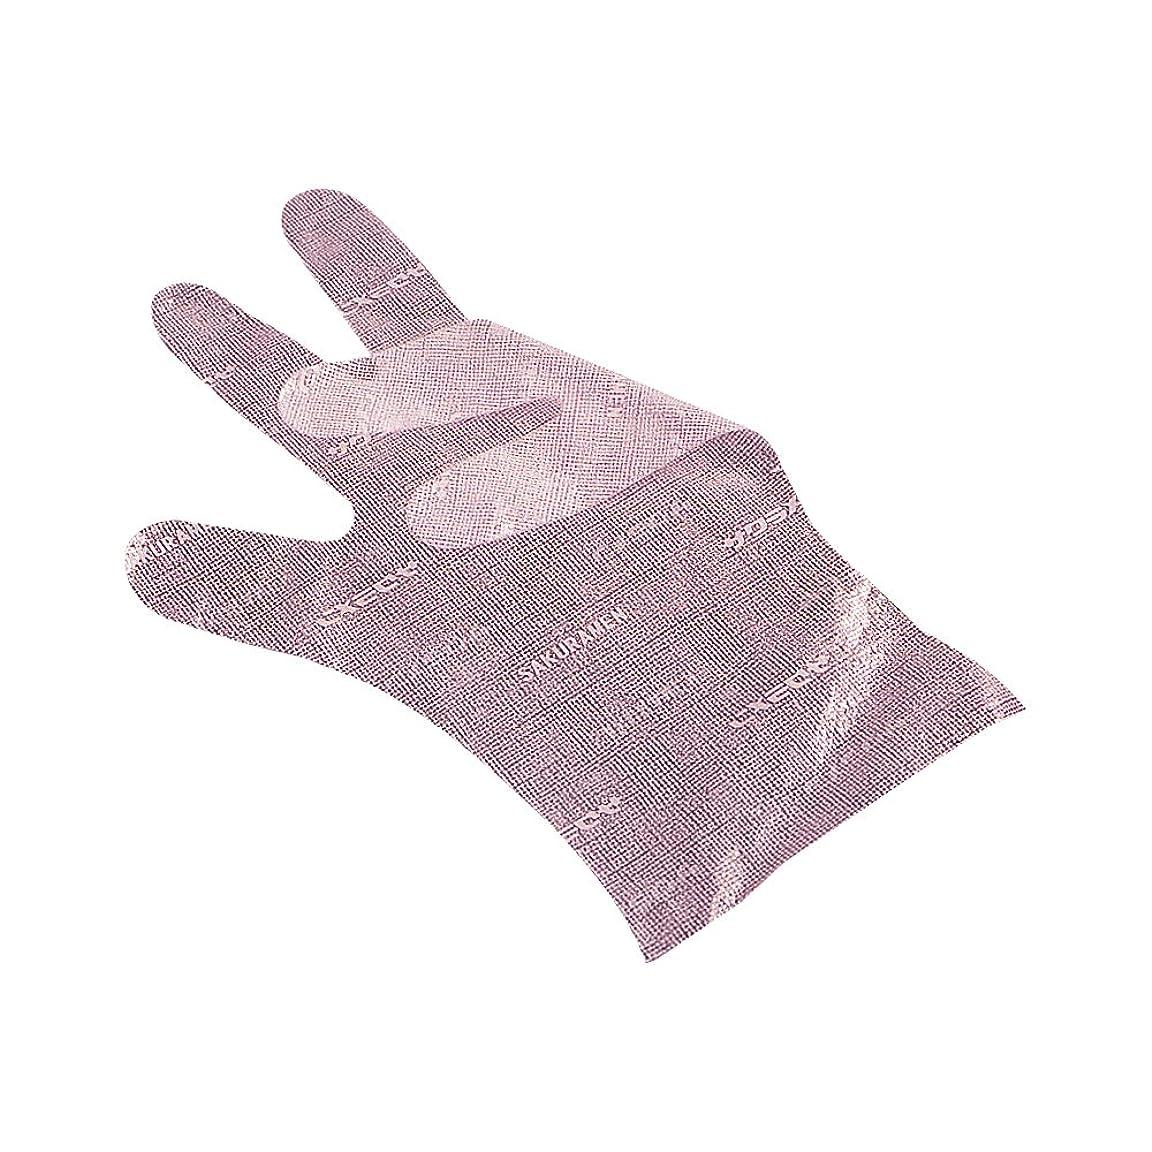 バクテリアギャロップ膨らみサクラメンエンボス手袋 デラックス ピンク L 100枚入